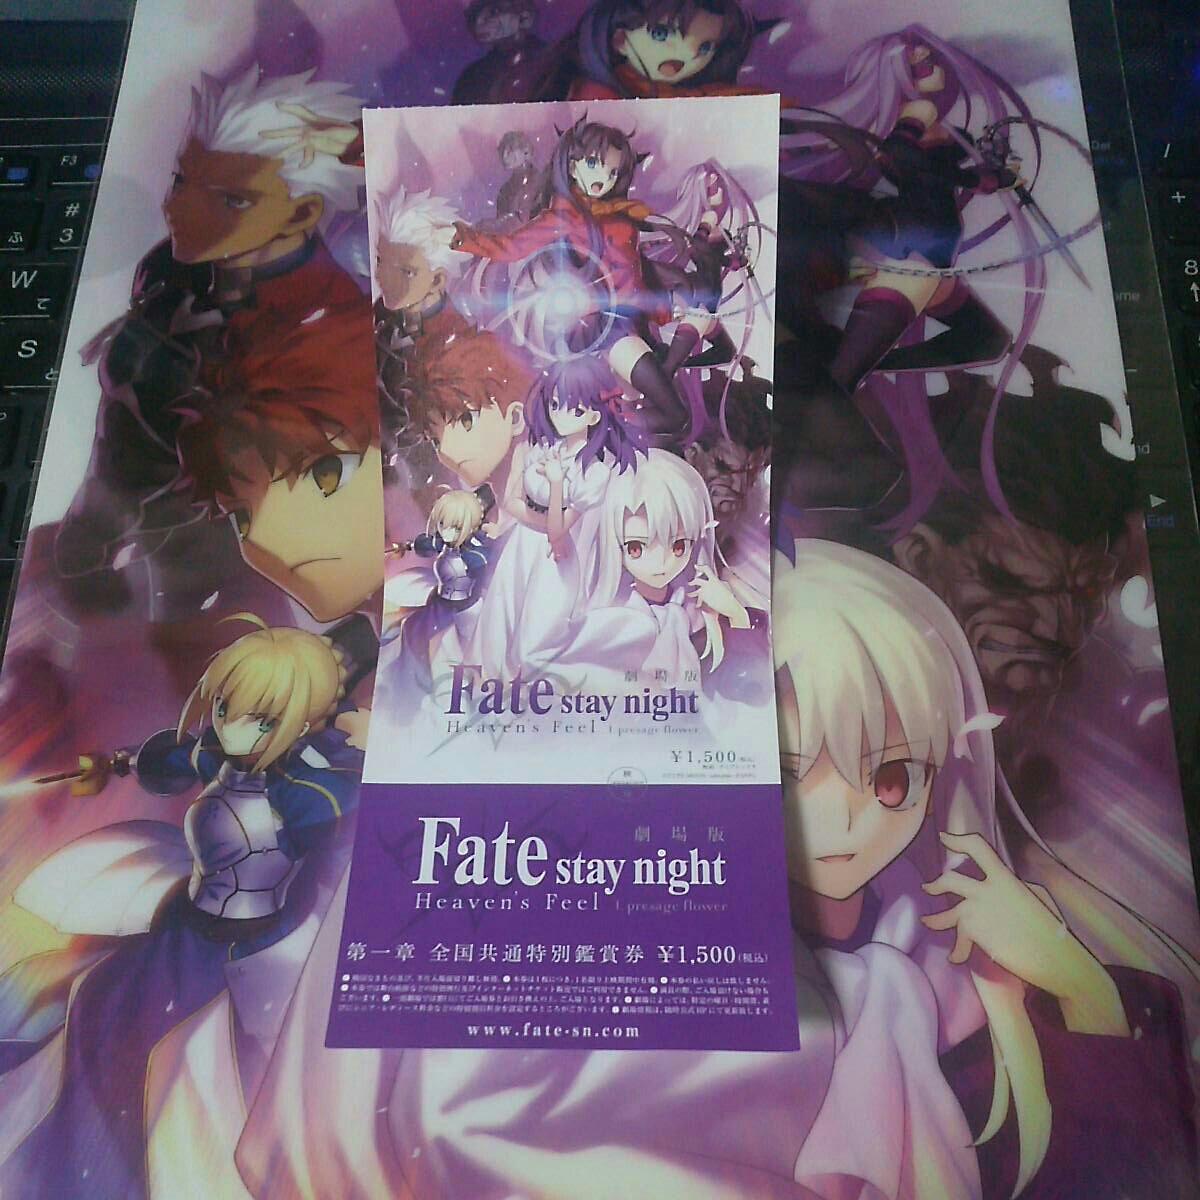 劇場版 Fate/stay night Heaven's Feel 第一章 第3弾 前売り券+特典クリアファイル グッズの画像